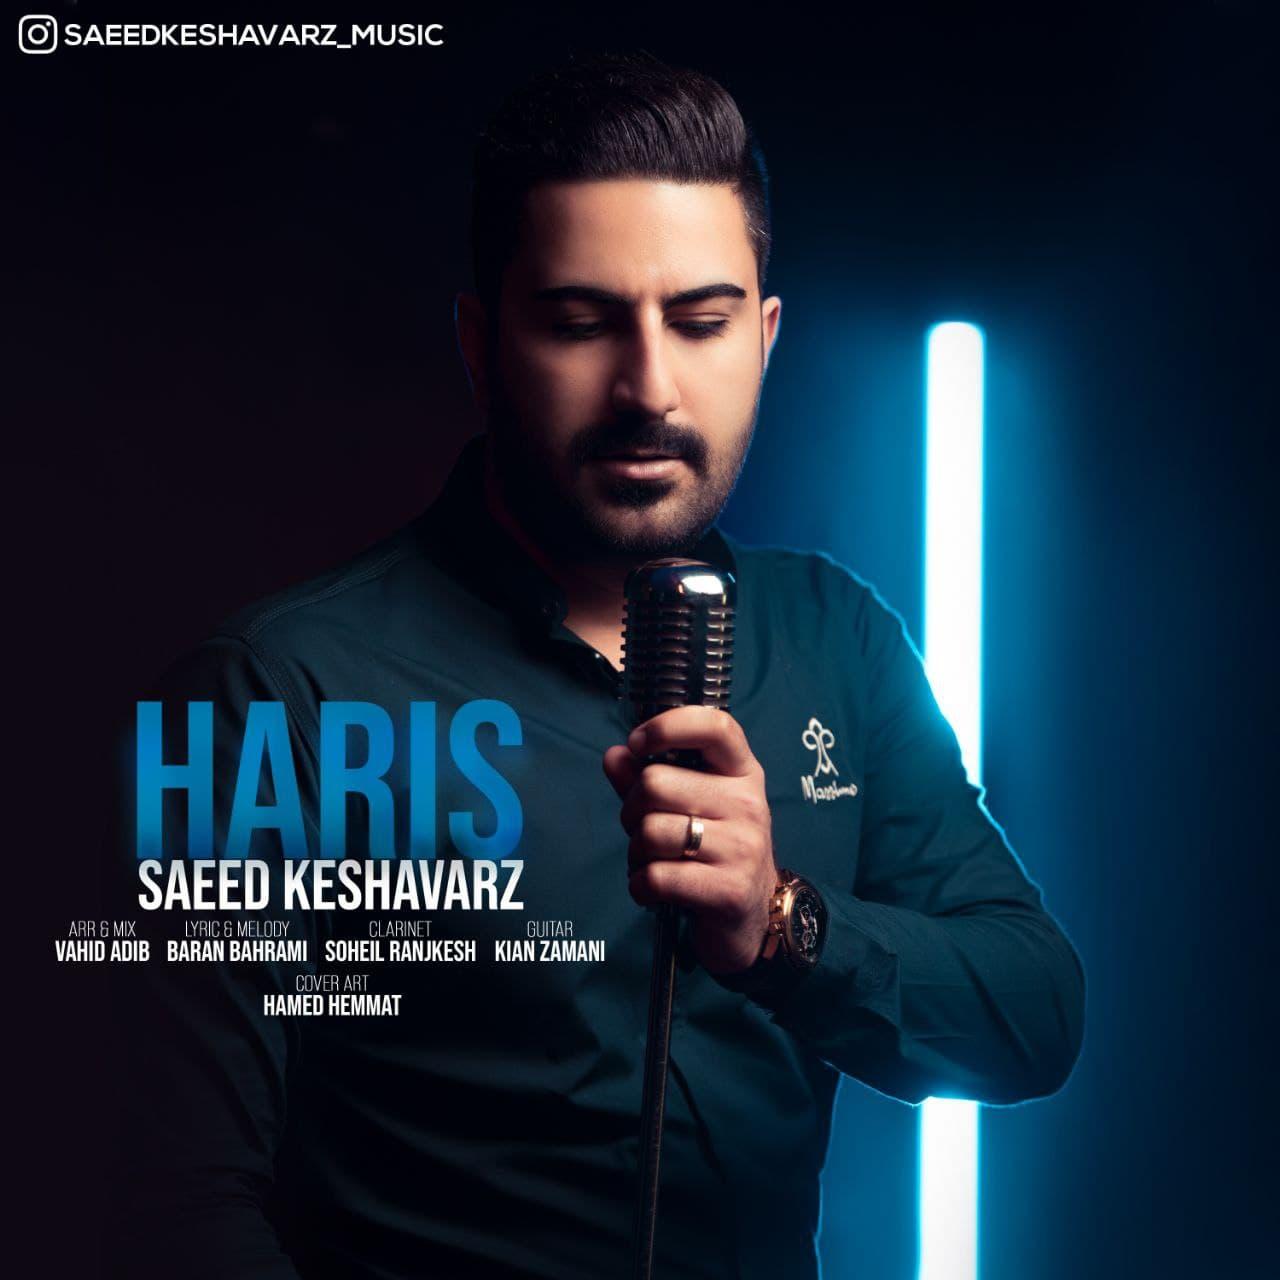 دانلود موزیک جدید حریص از سعید کشاورز